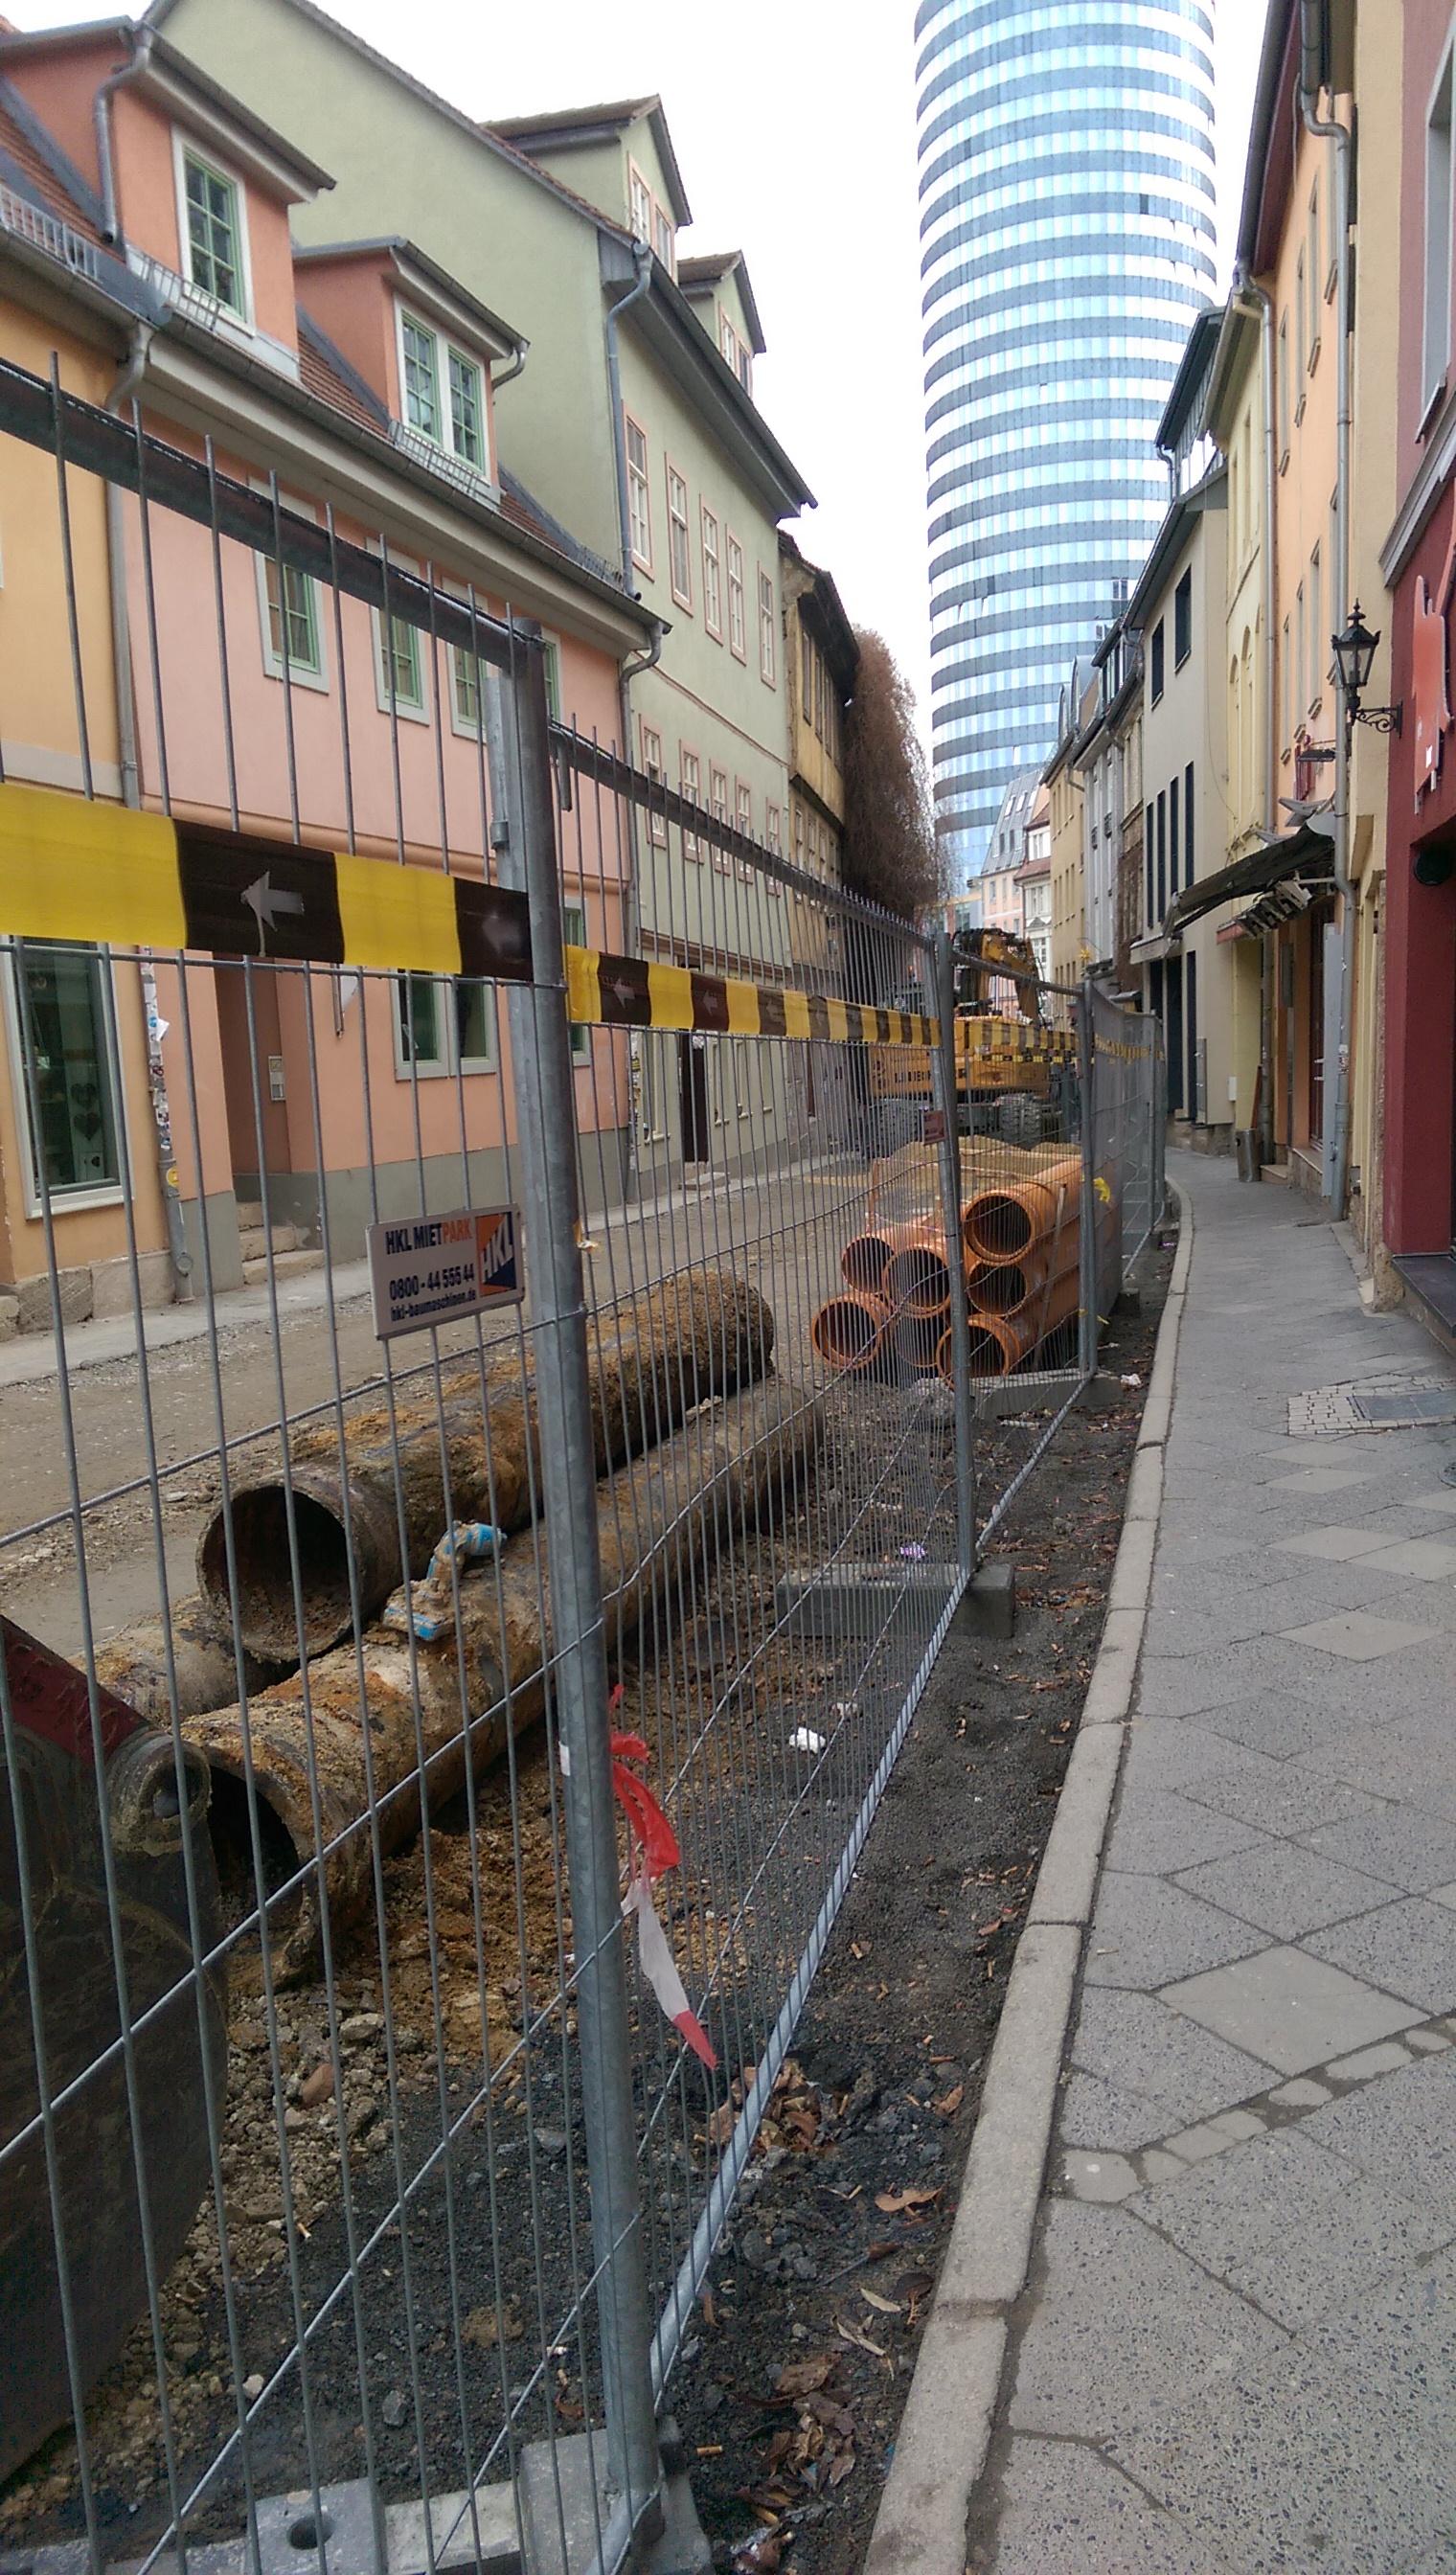 Wagnergasse, Blick Richtung Turm, Gehweg und Baustelle mit Absperrung